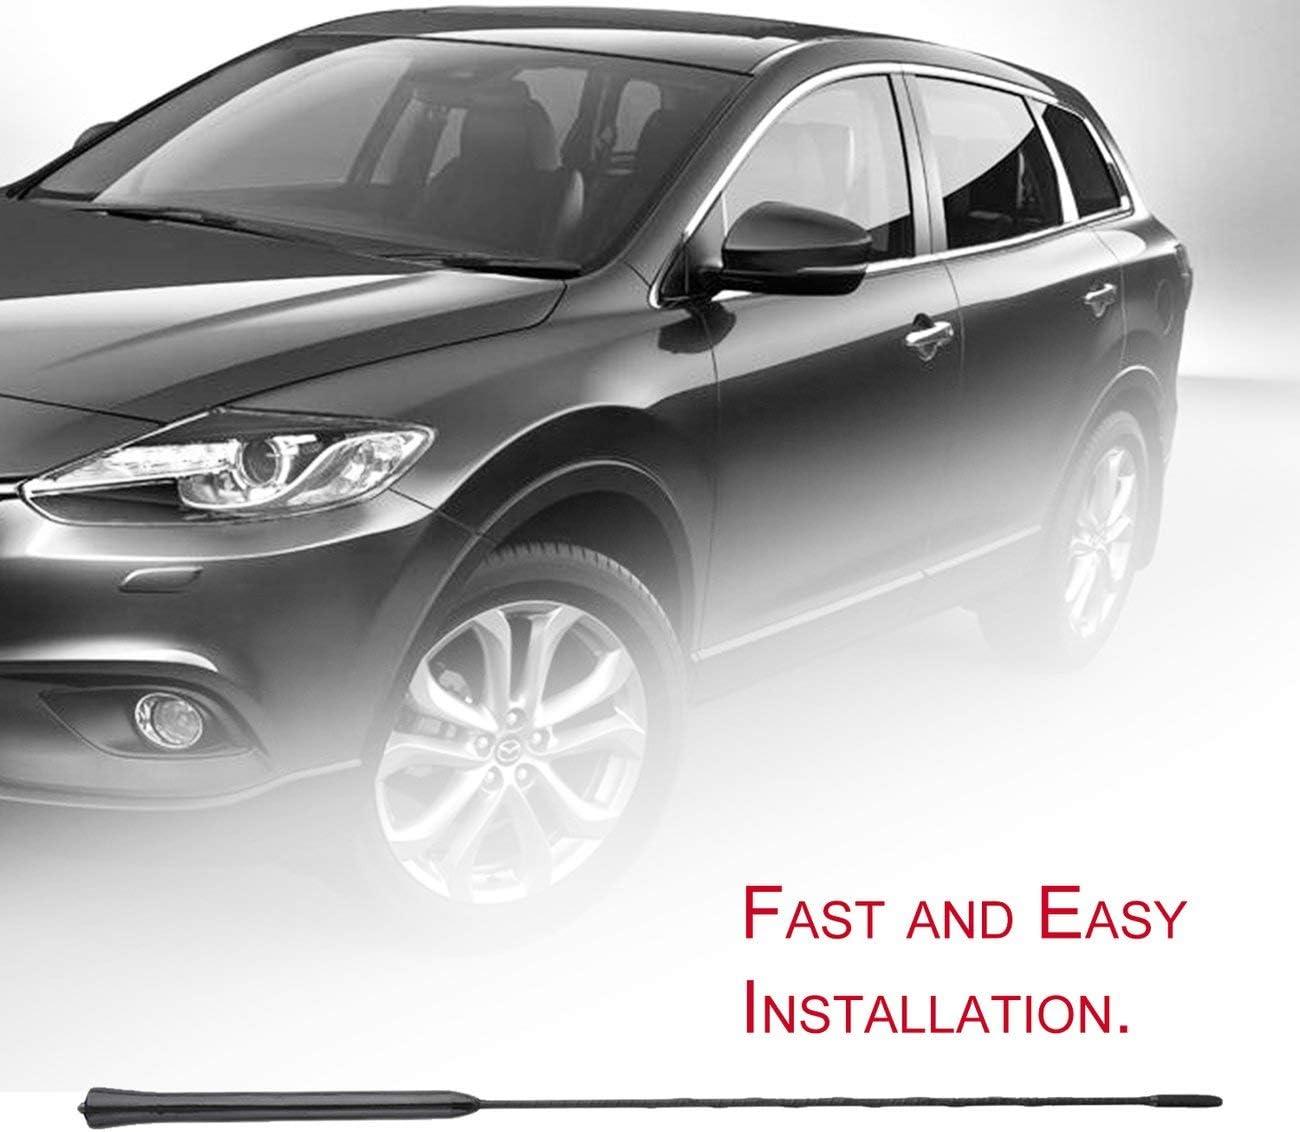 De Haute qualit/é 16 Toit Auto Voiture Universel m/ât Fouet AM//FM Fuba Antenne Antenne pour BMW pour Mazda YG0130 JBP-X